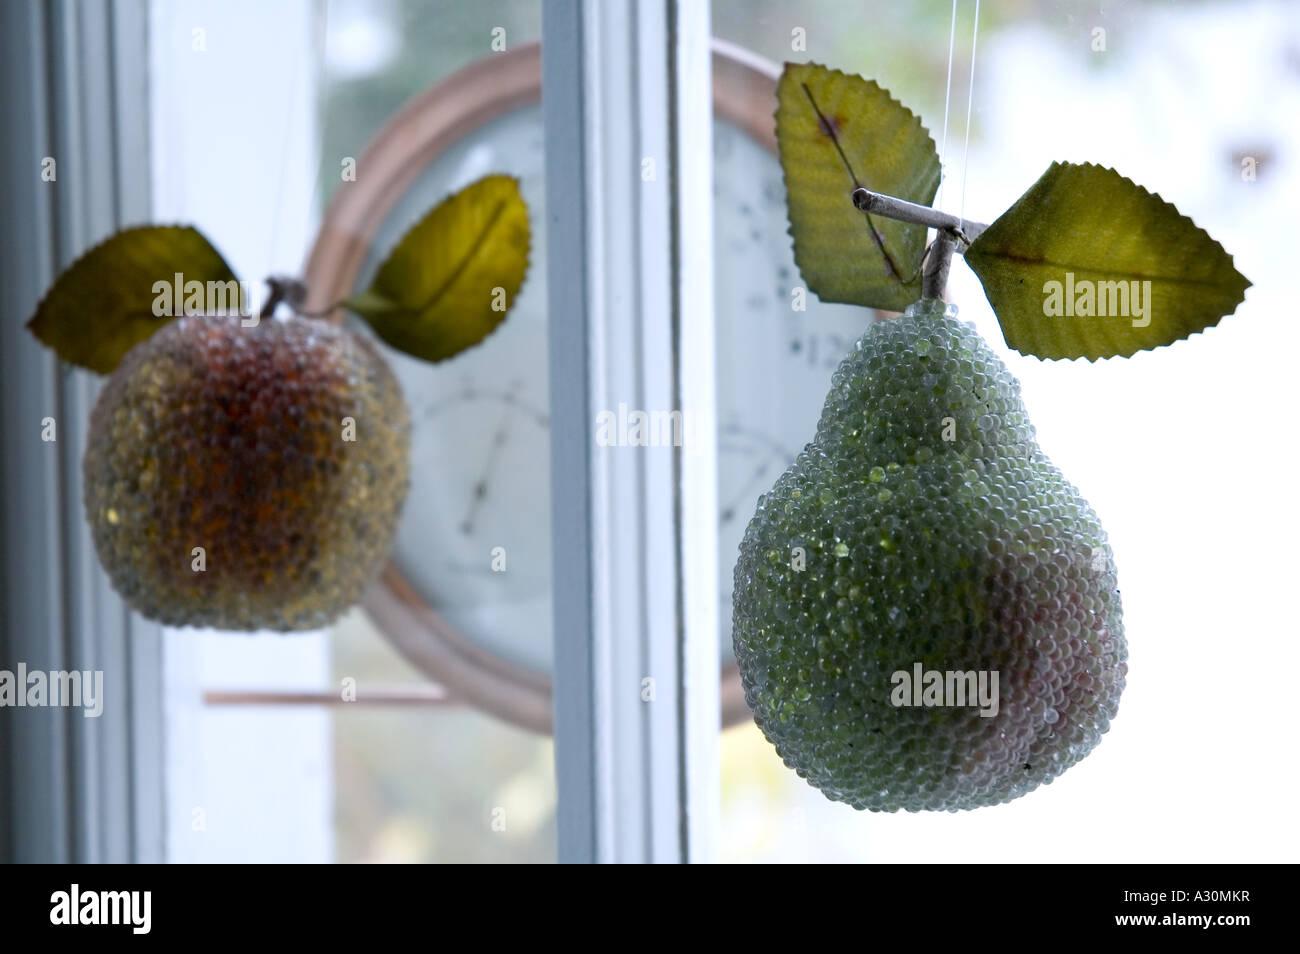 Frutto di cristallo decorazione di Natale appeso nella finestra Immagini Stock